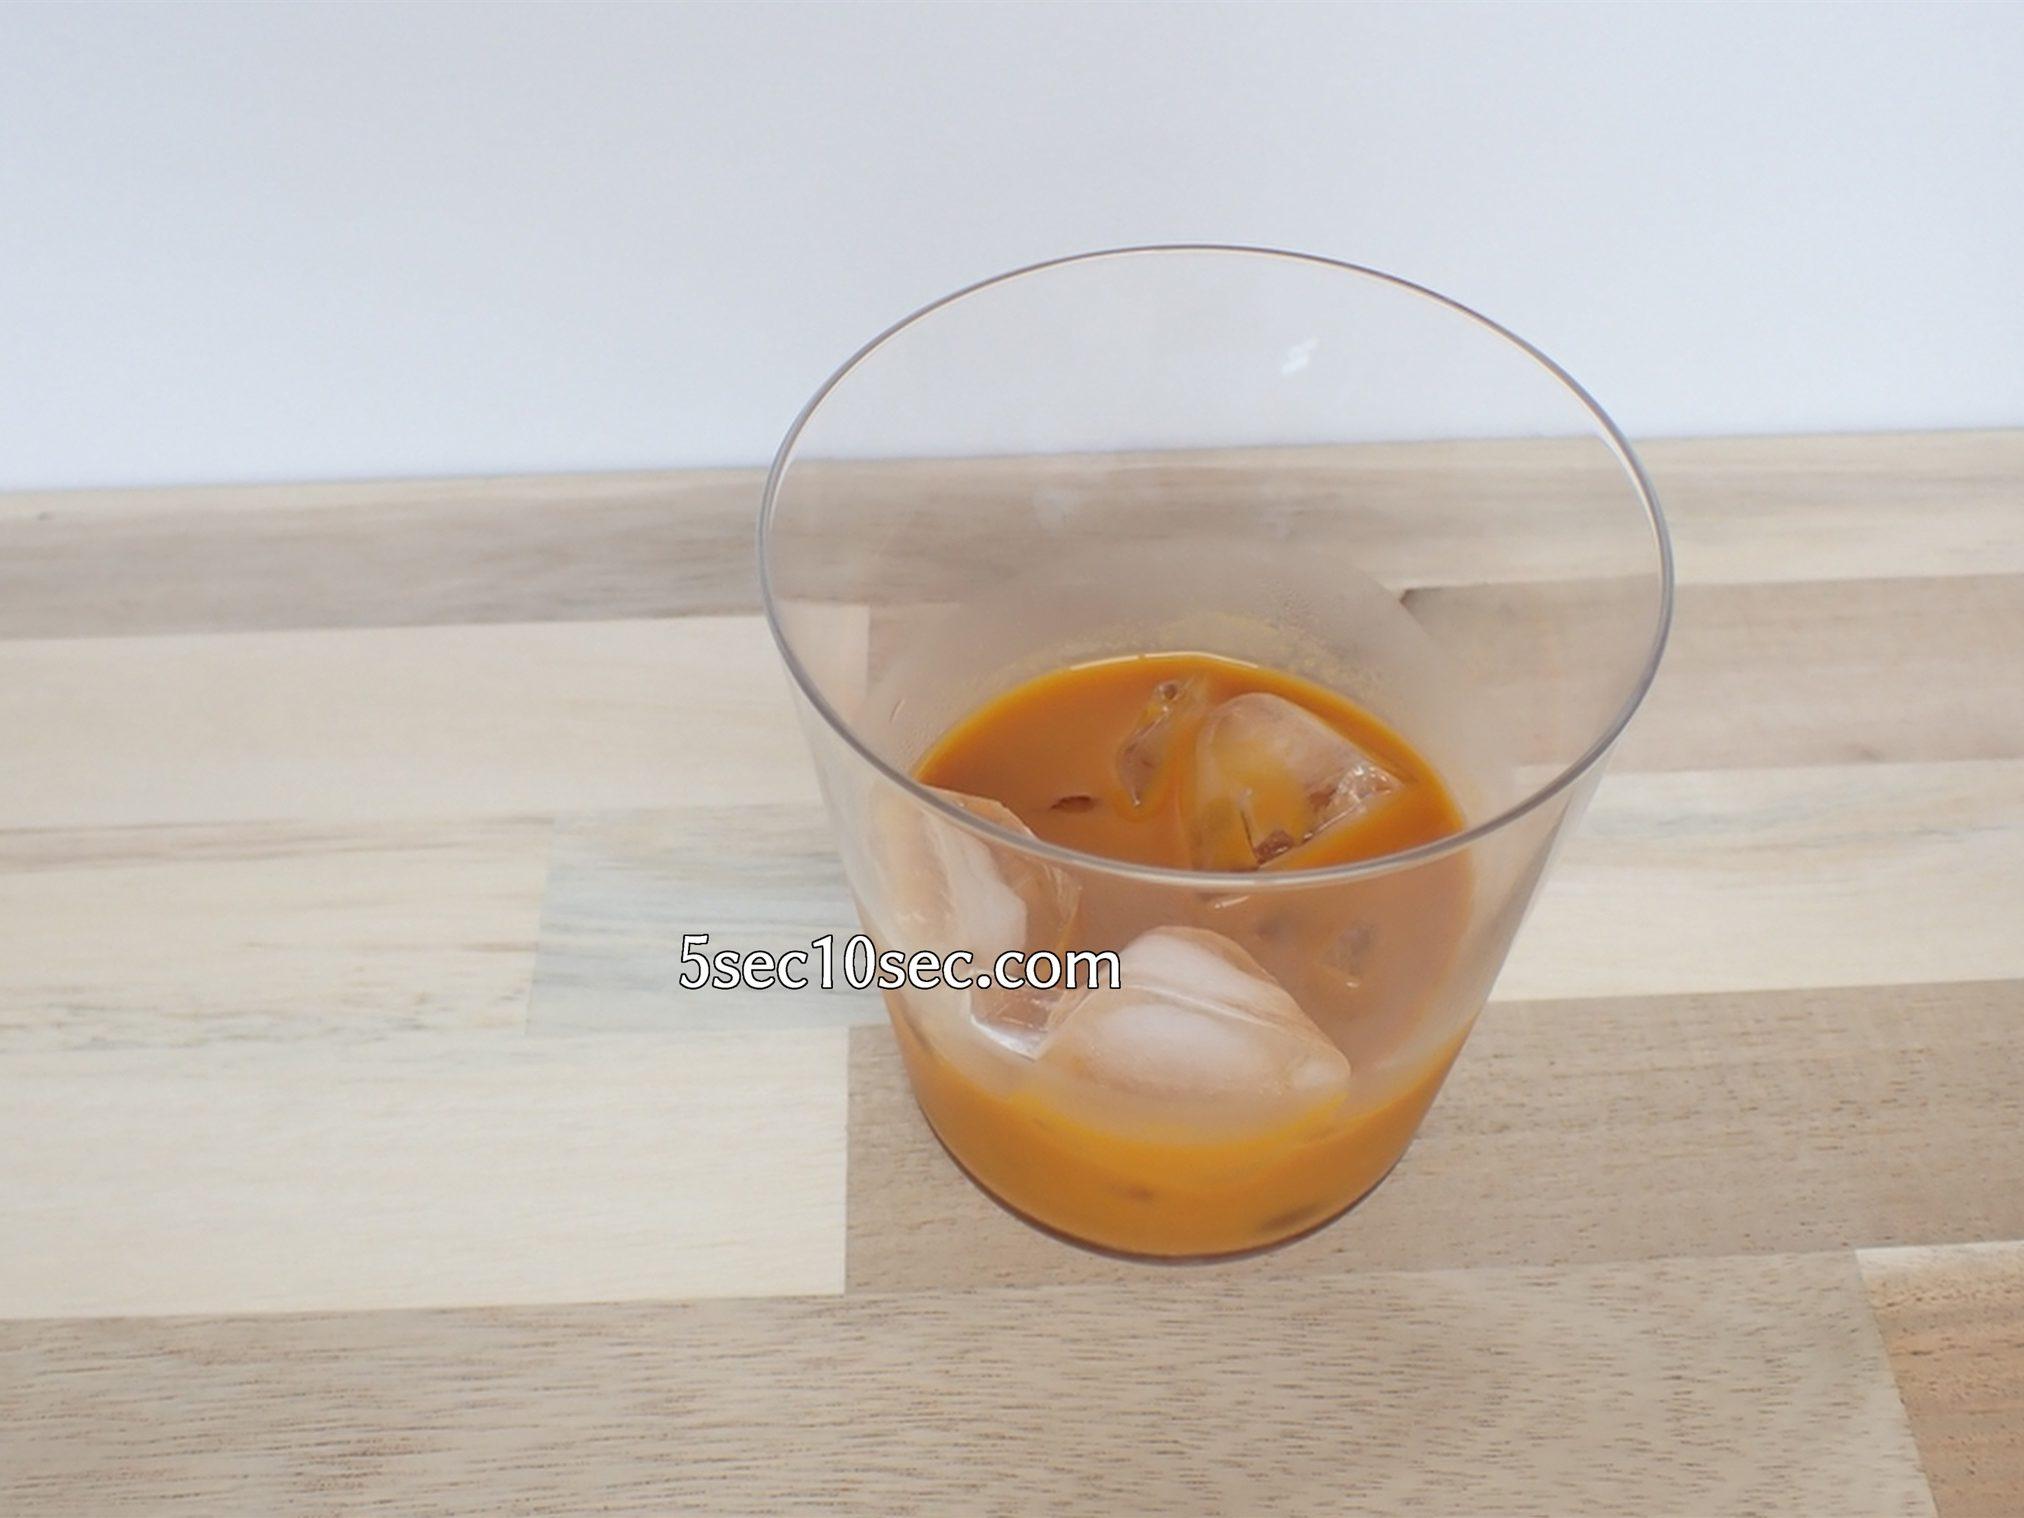 Curilla キュリラ 有機JAS認定 オーガニックサジージュース そのまま飲んでもいいし、色々アレンジできます